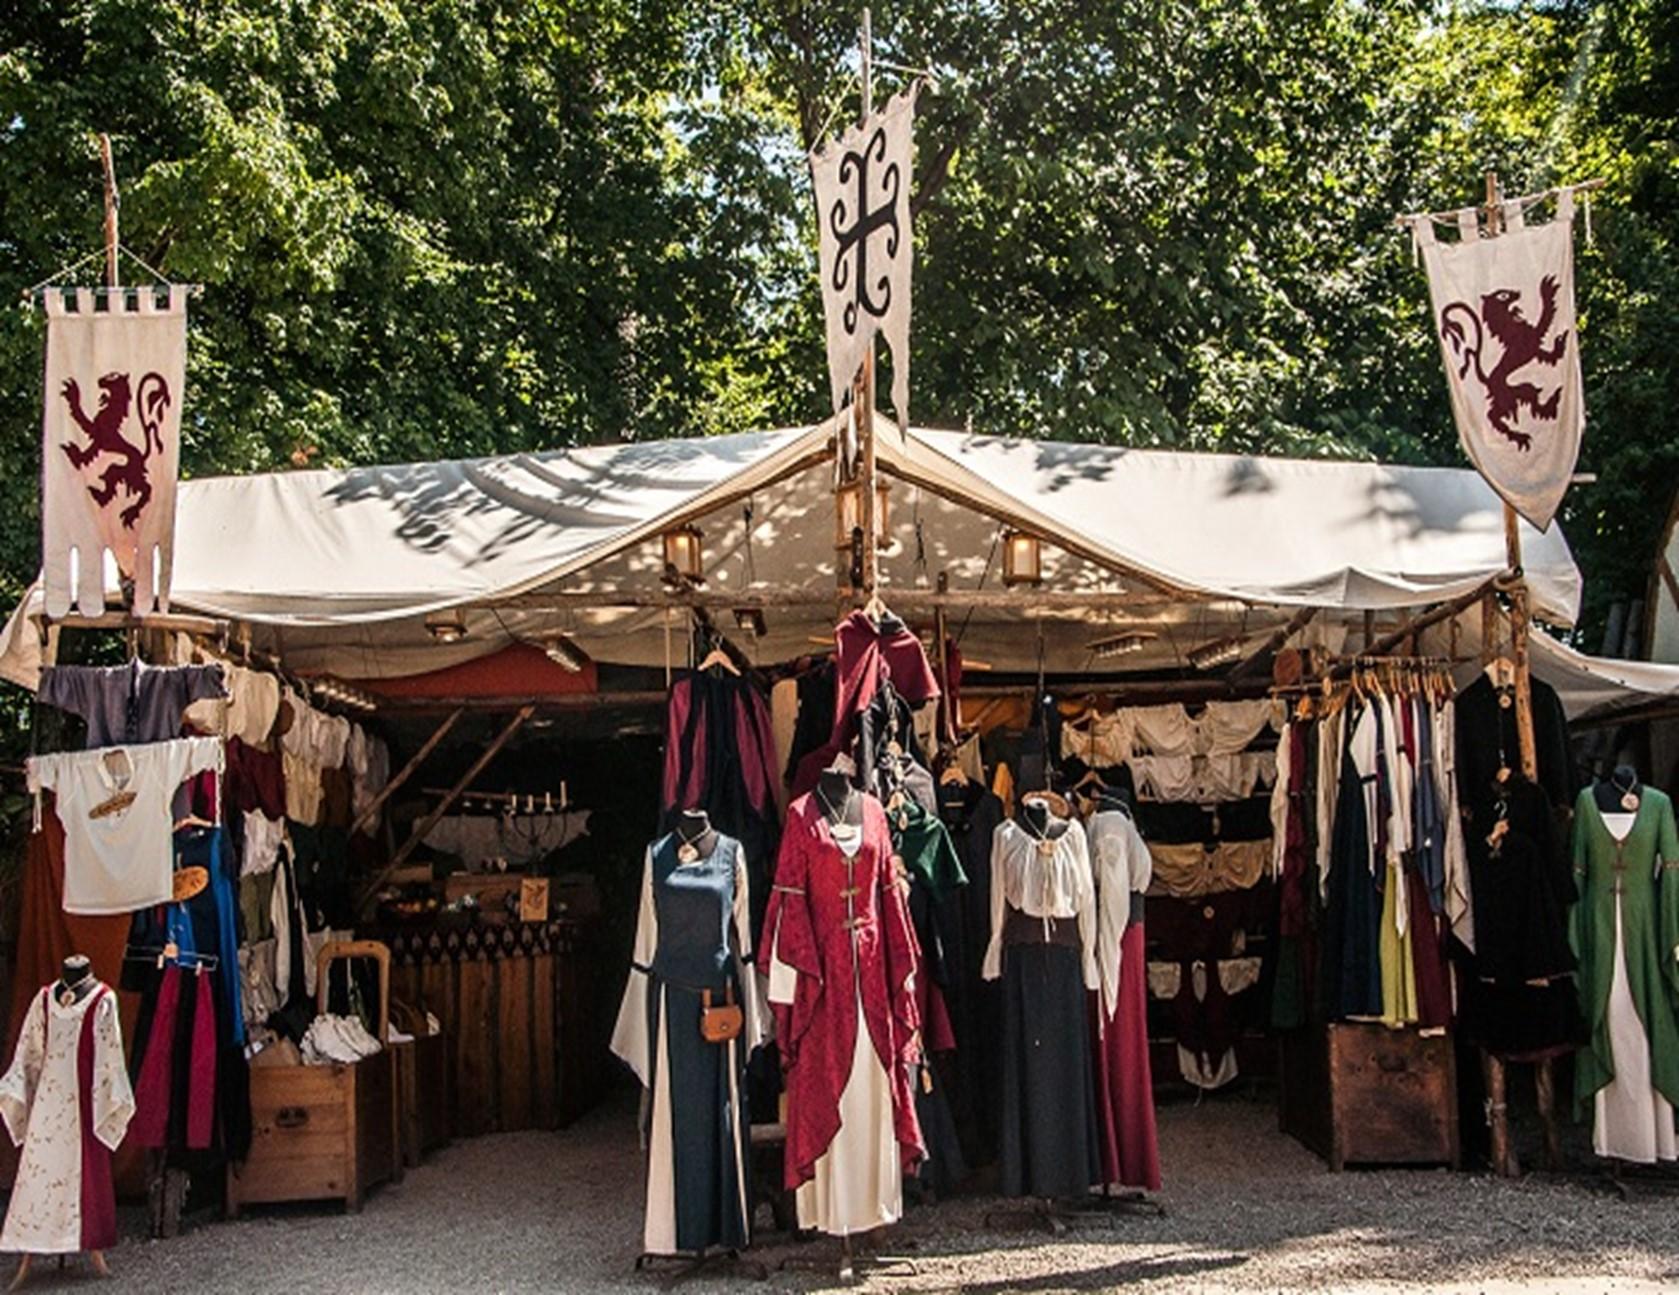 Der Stand von Get Natural ist mit vielen ausgestellten Kleidungsstücken im Mittelalterstil dekoriert.